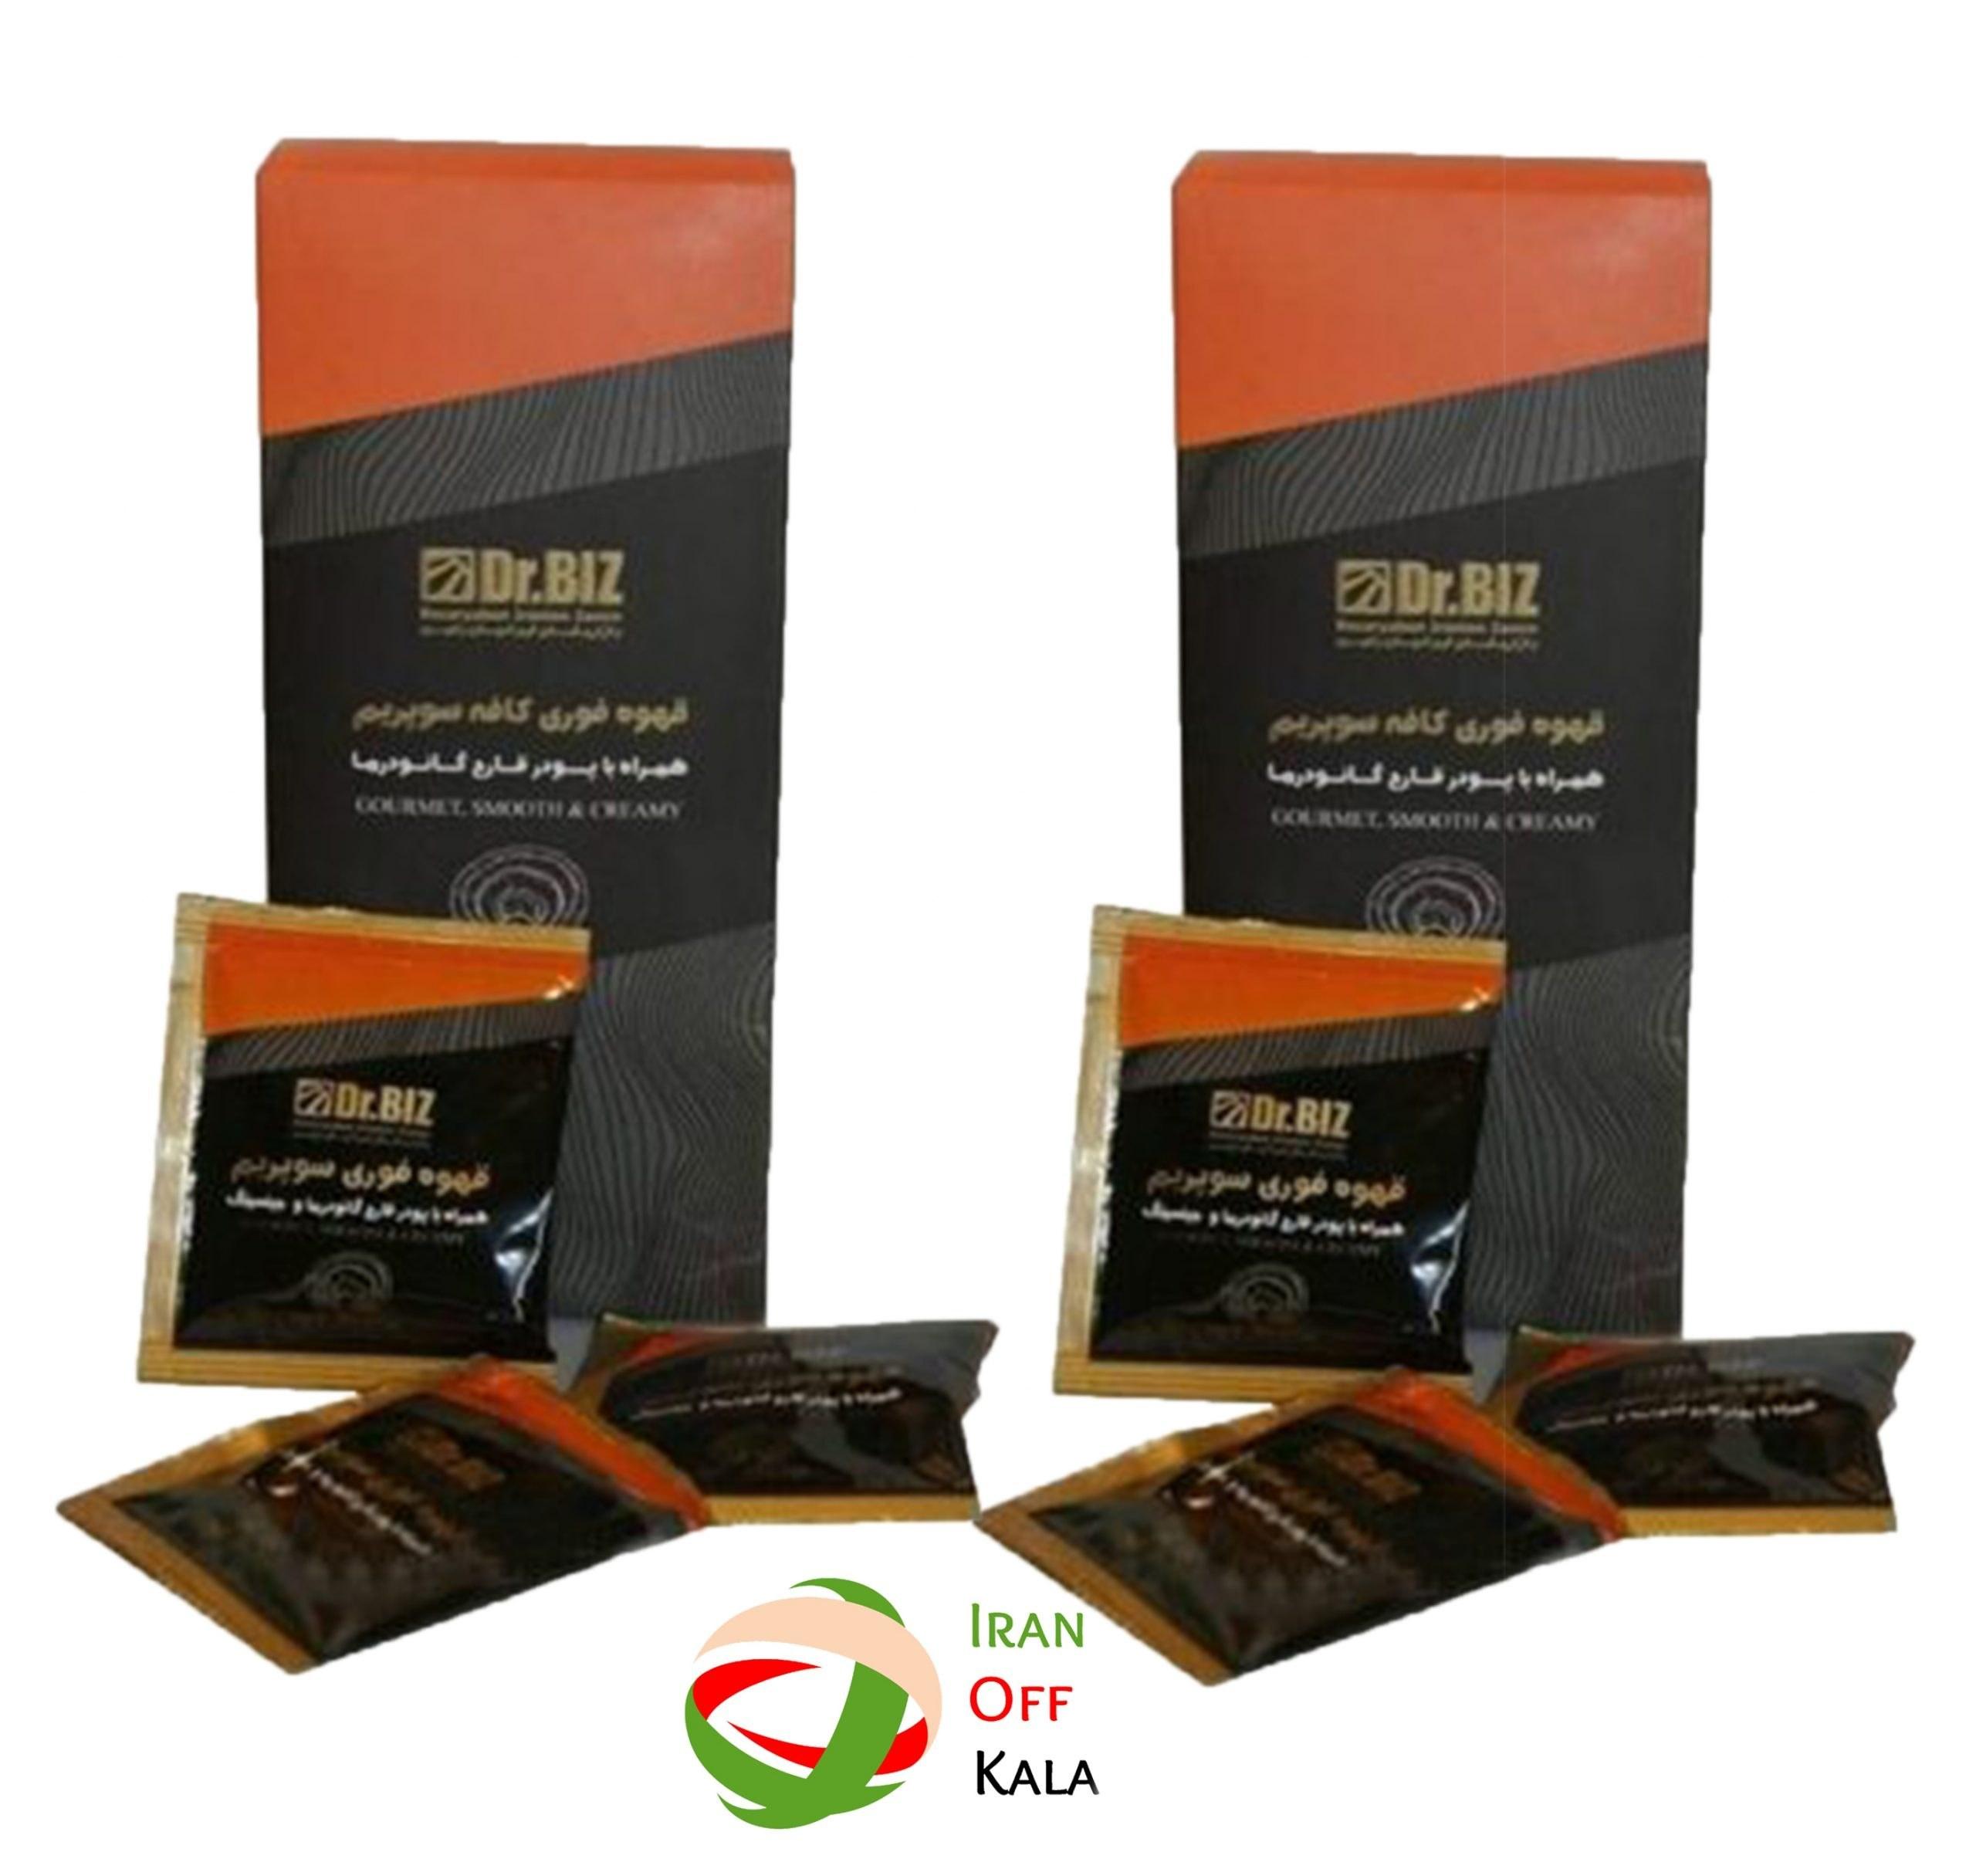 تصویر پک دوتایی قهوه سوپریم دکتر بیز Superior Coffee Double Pack Dr. Biz